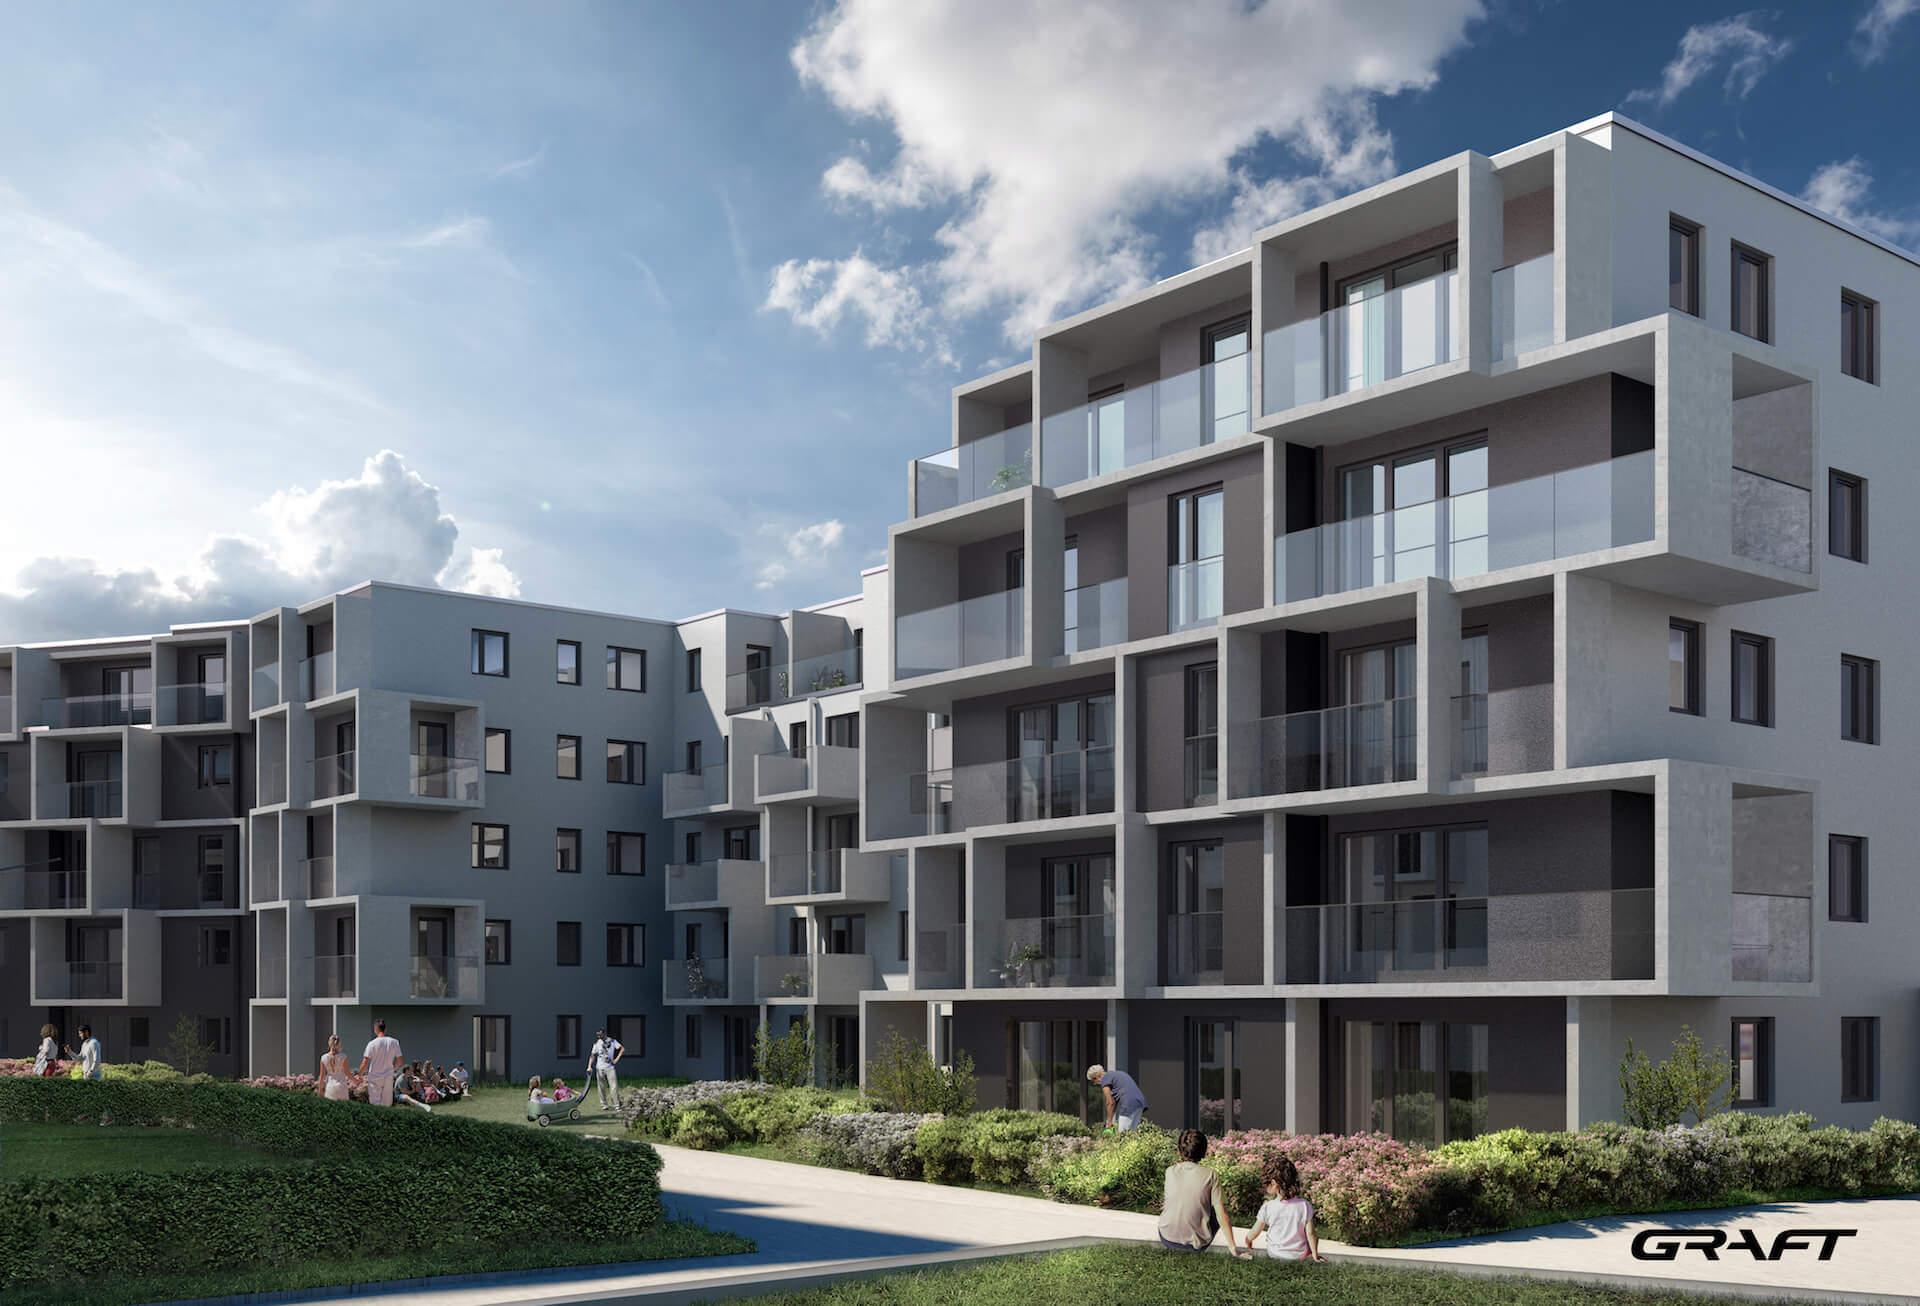 Baubeginn für 286 neue Wohnungen am alten Speicher